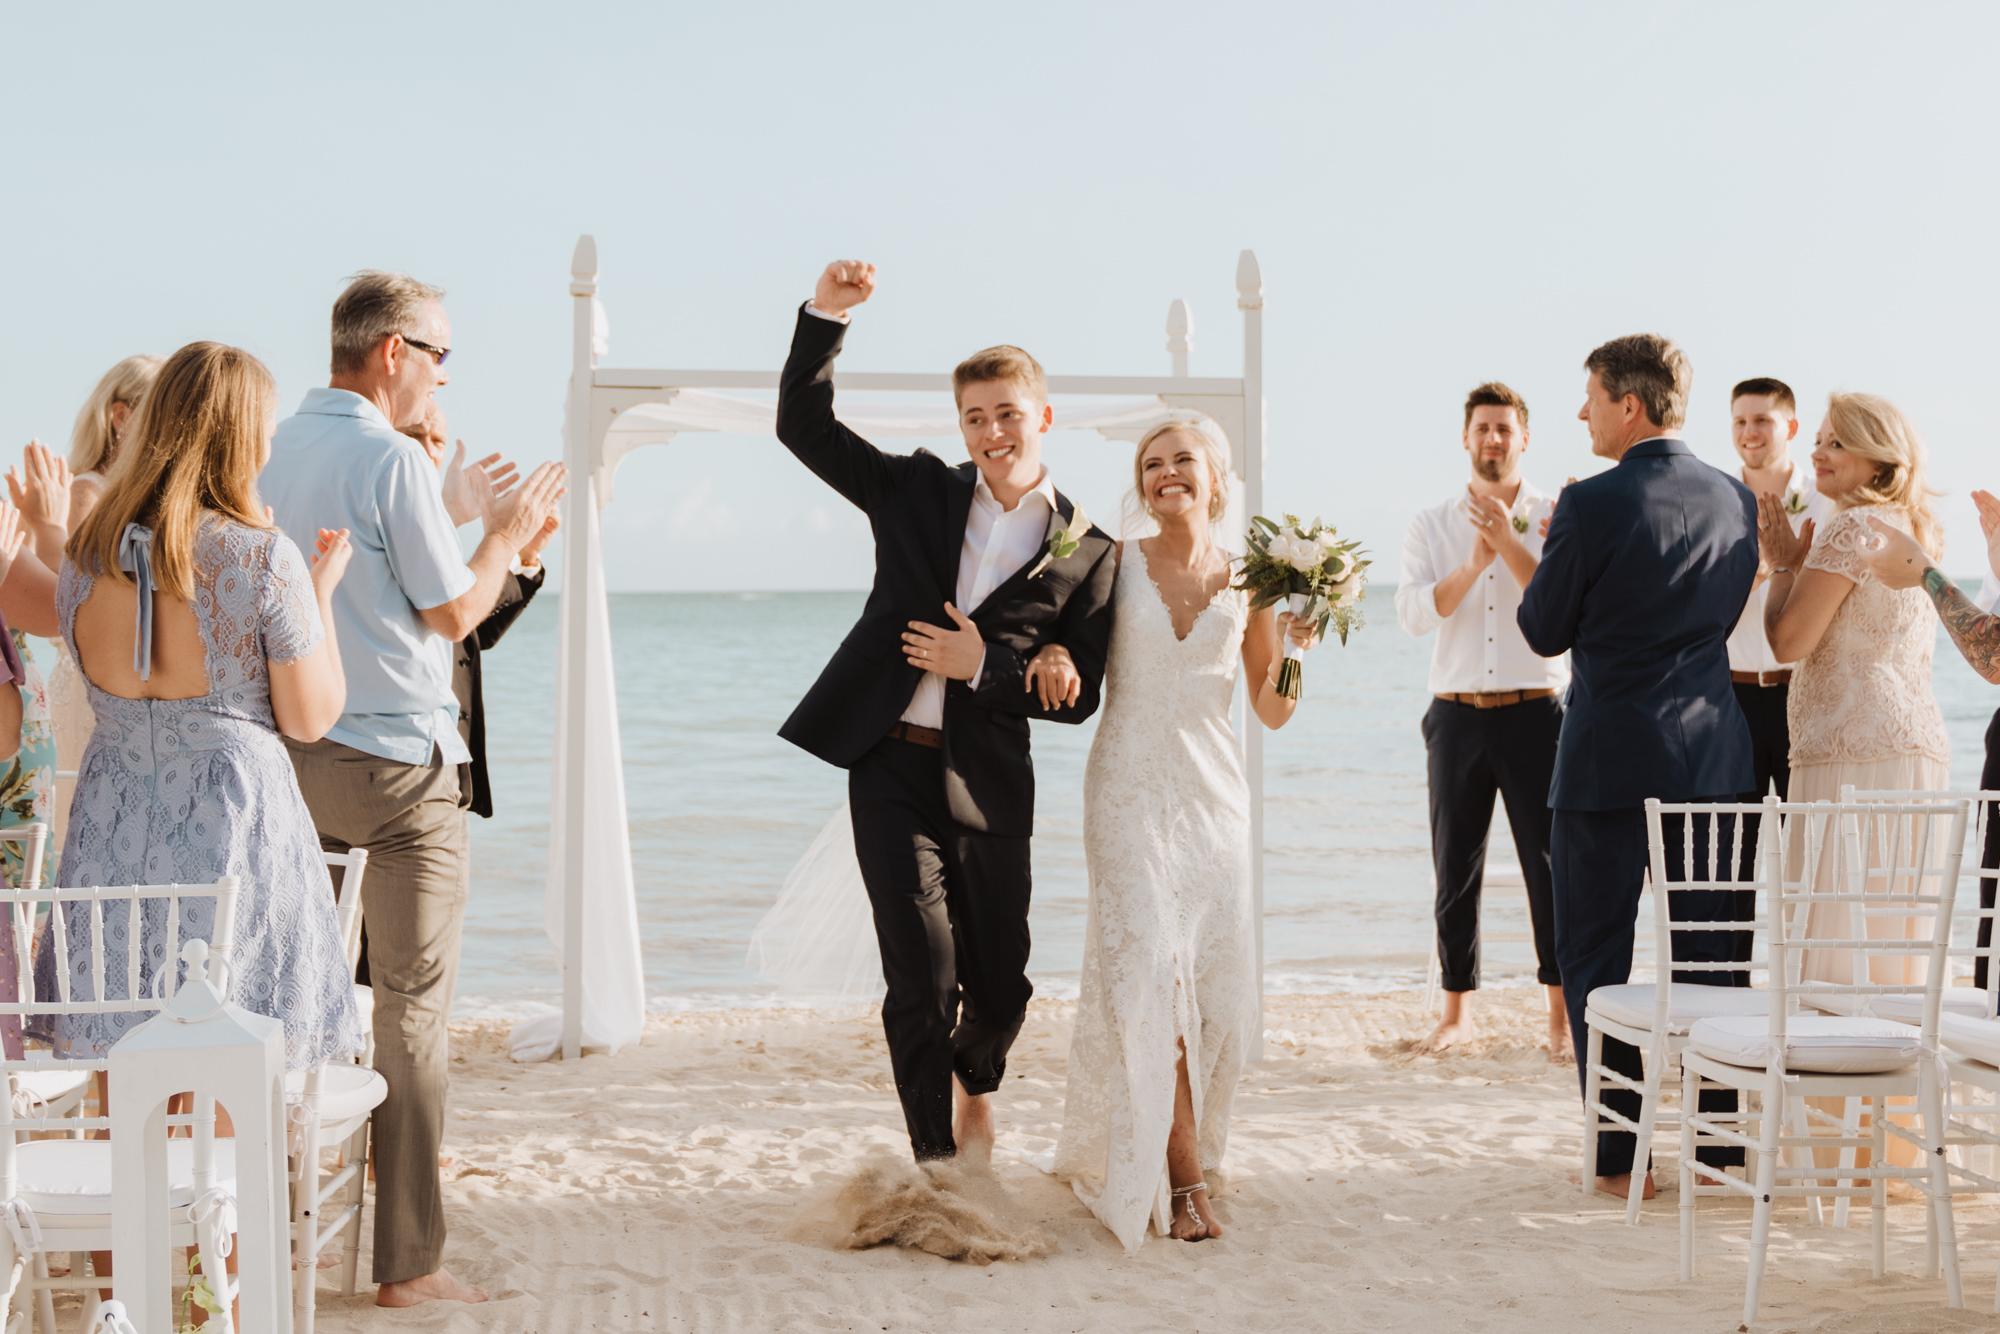 Pingleton_Wedding_Ceremony-37.jpg